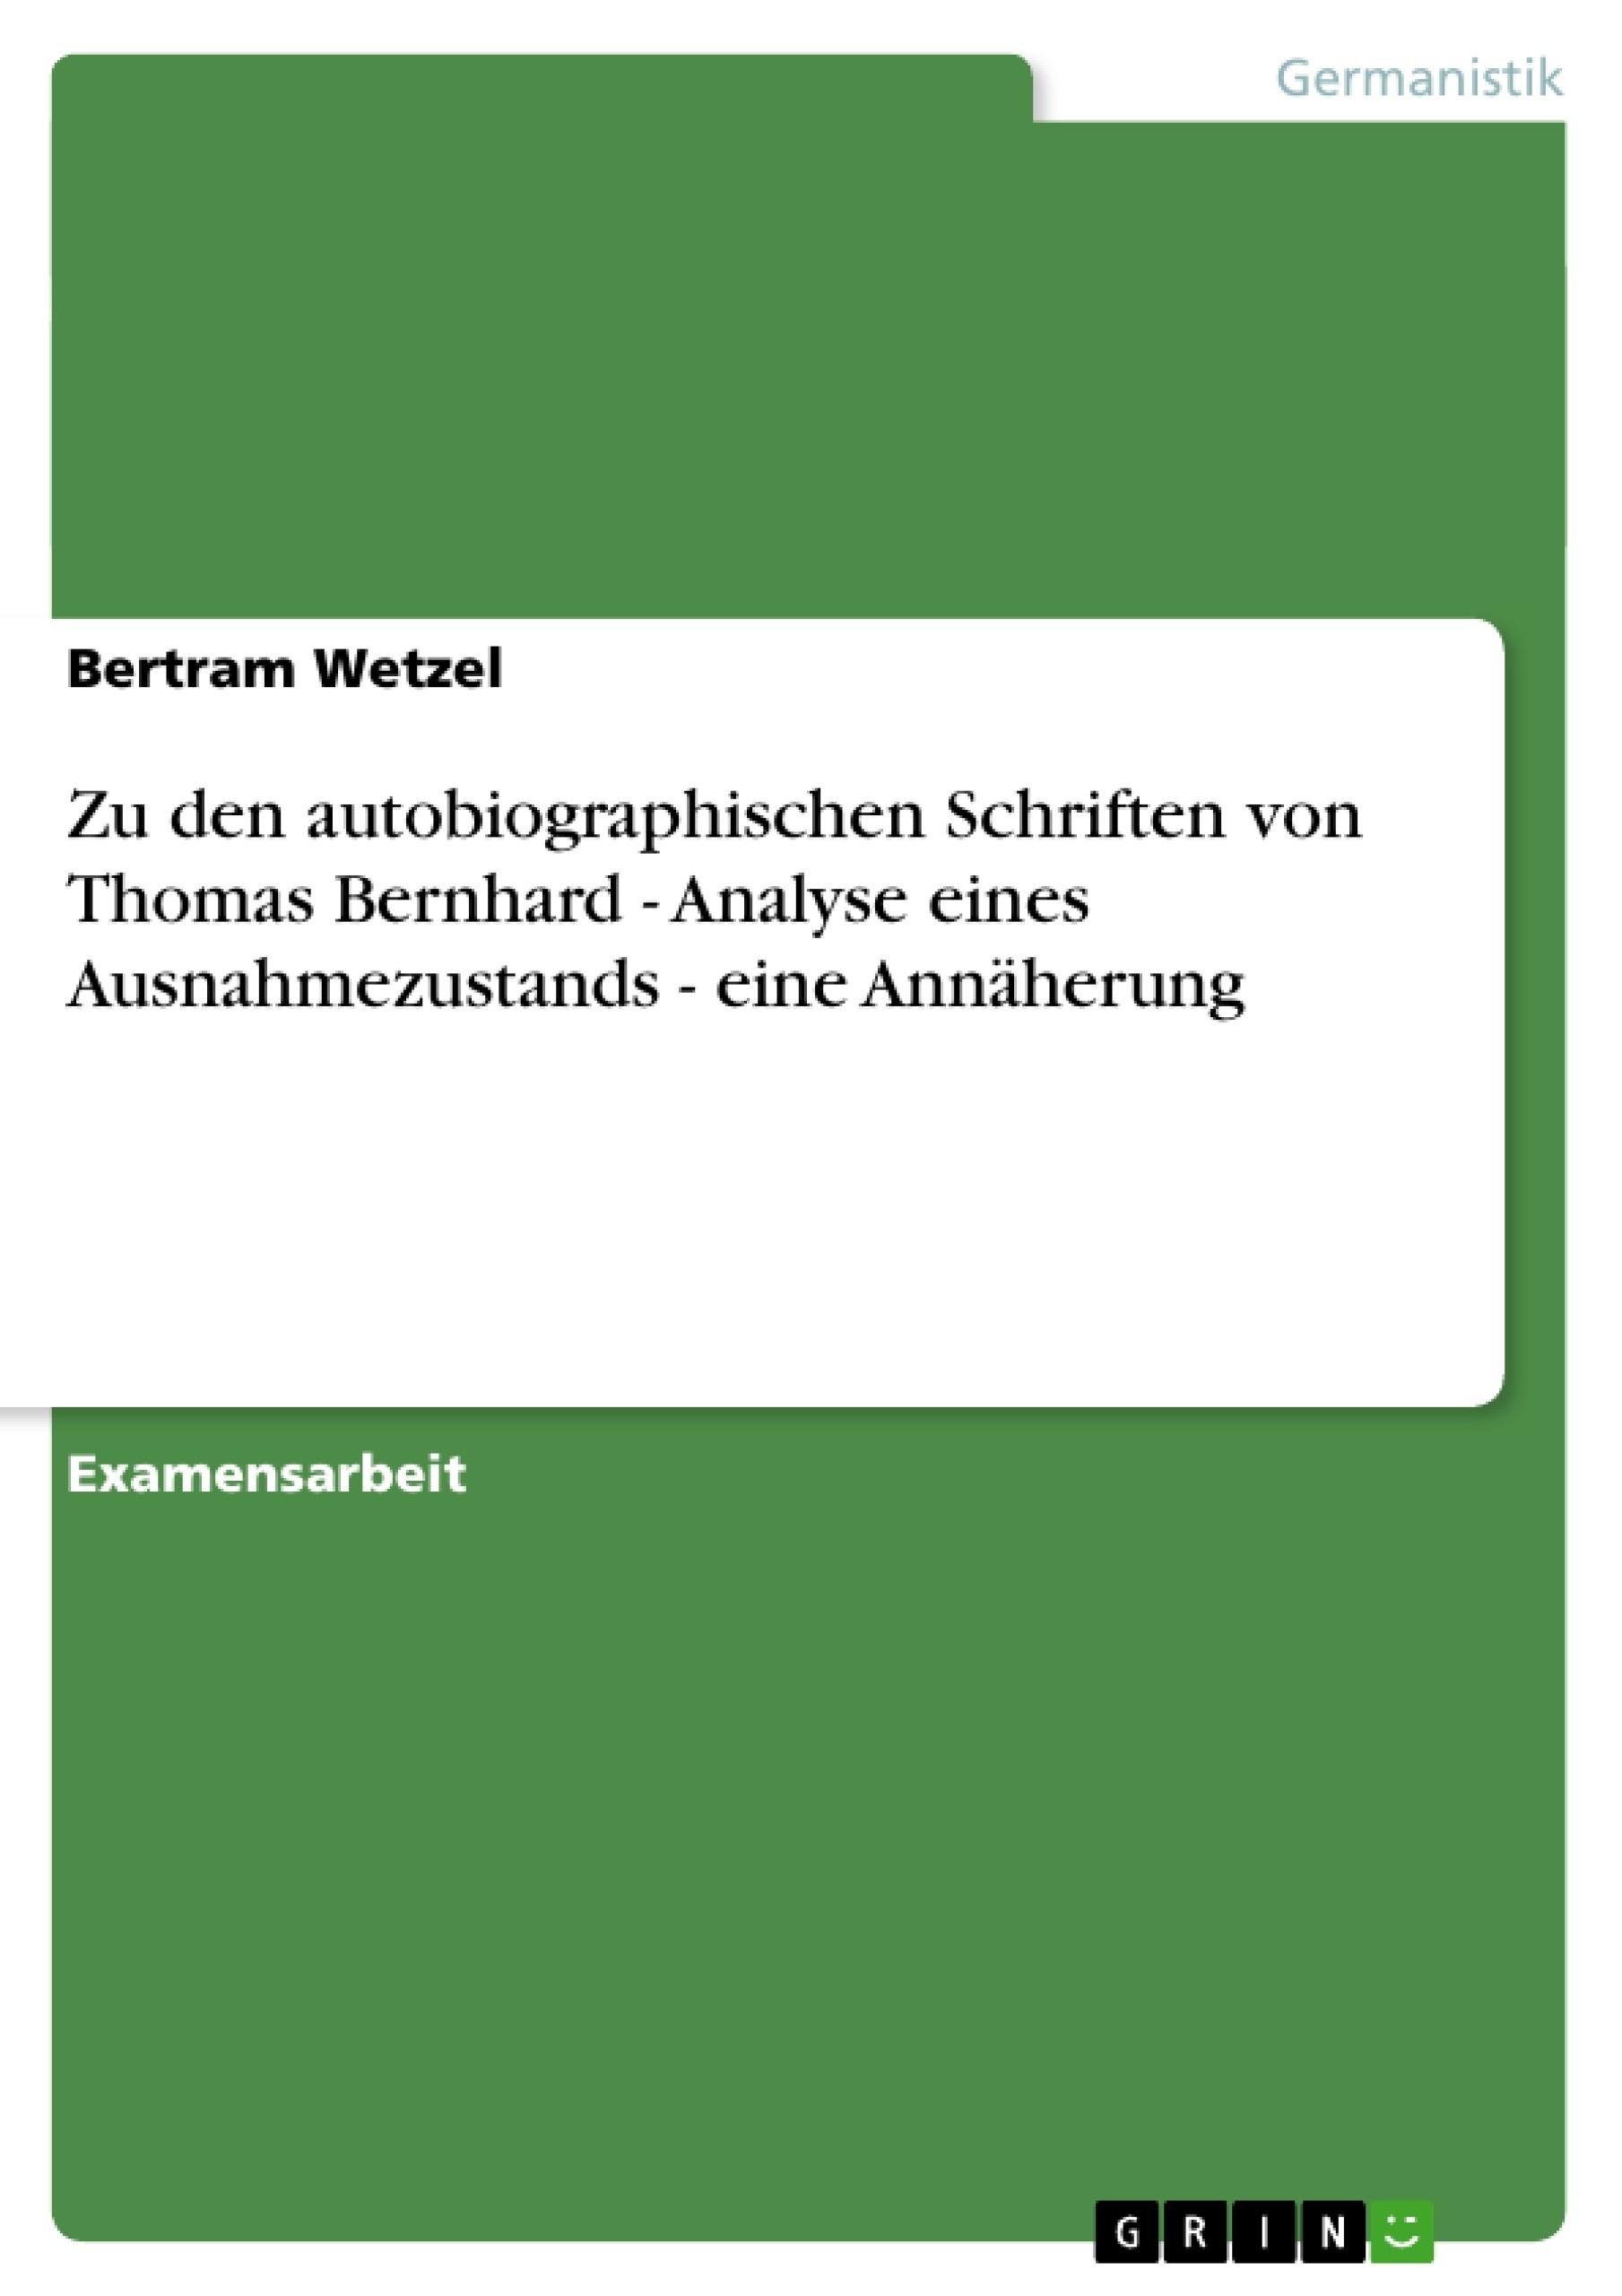 Titel: Zu den autobiographischen Schriften von Thomas Bernhard - Analyse eines Ausnahmezustands - eine Annäherung